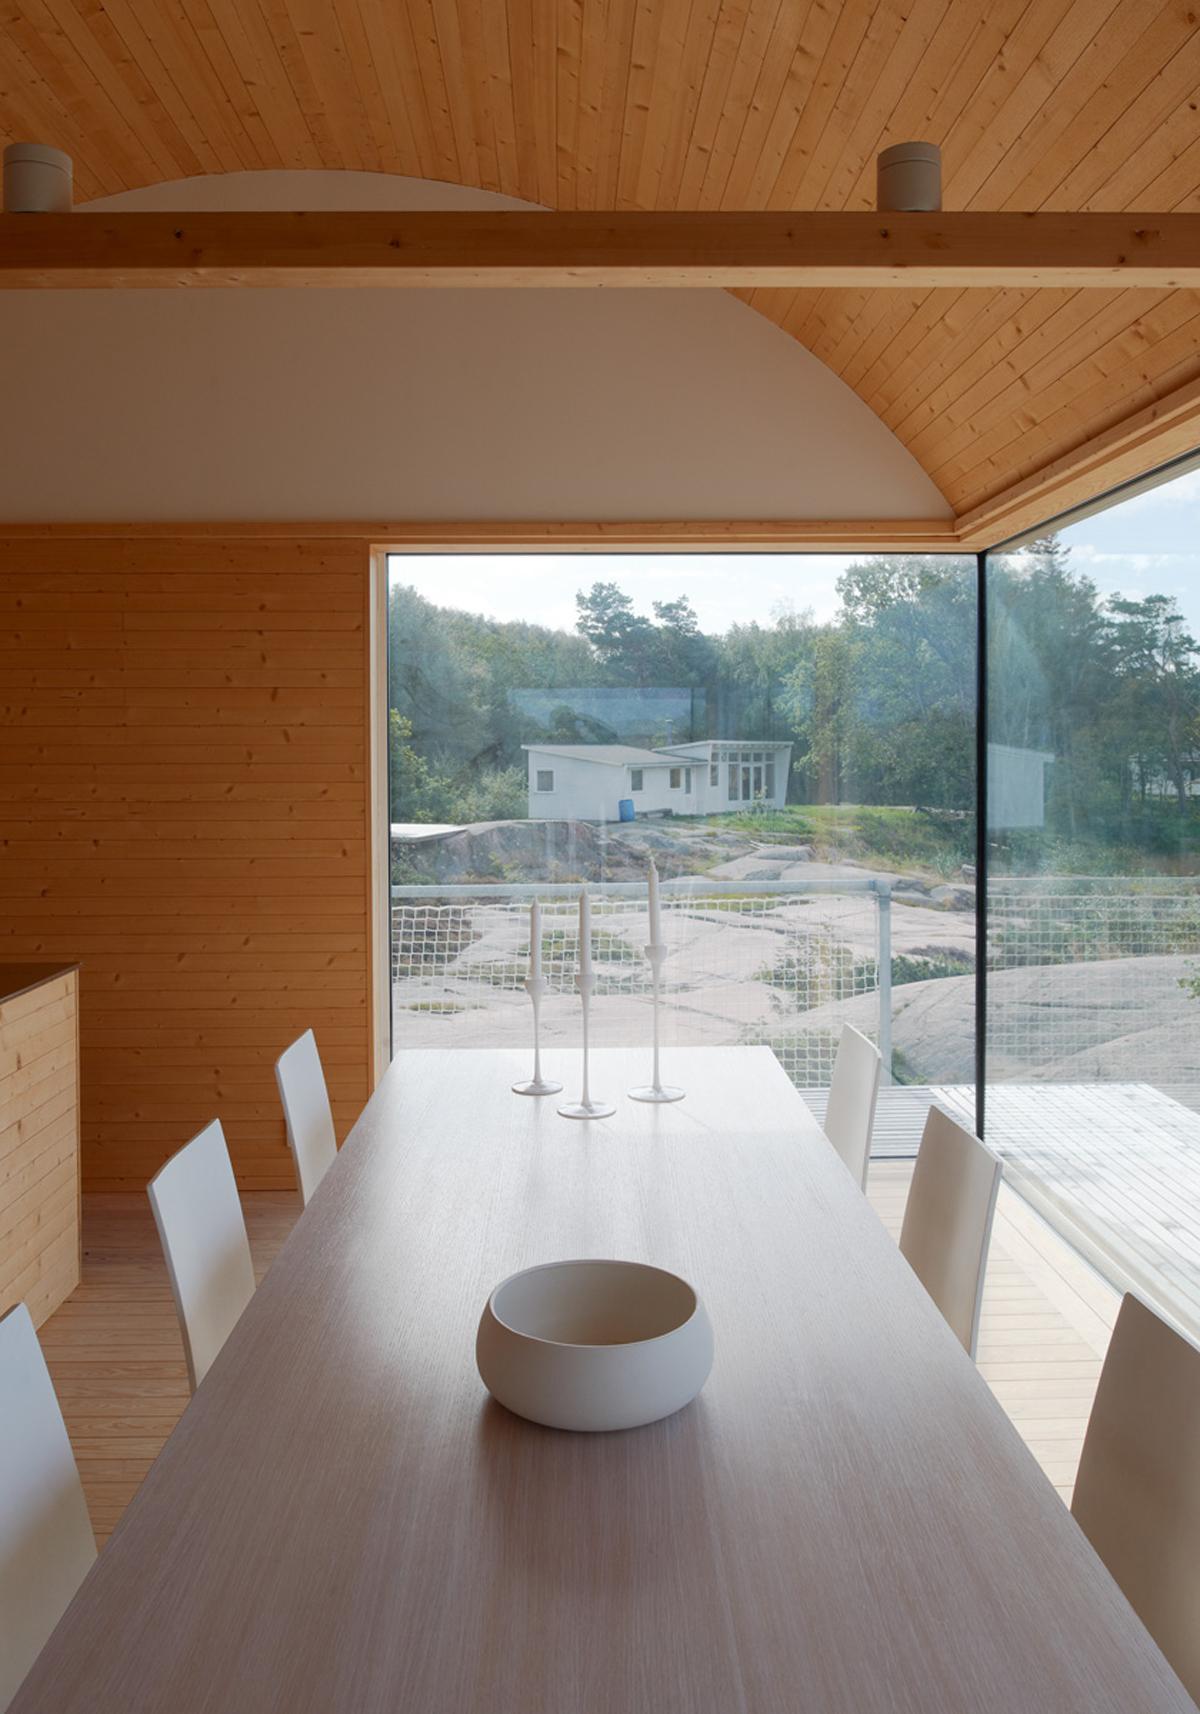 Summerhouse / Mats Fahlander